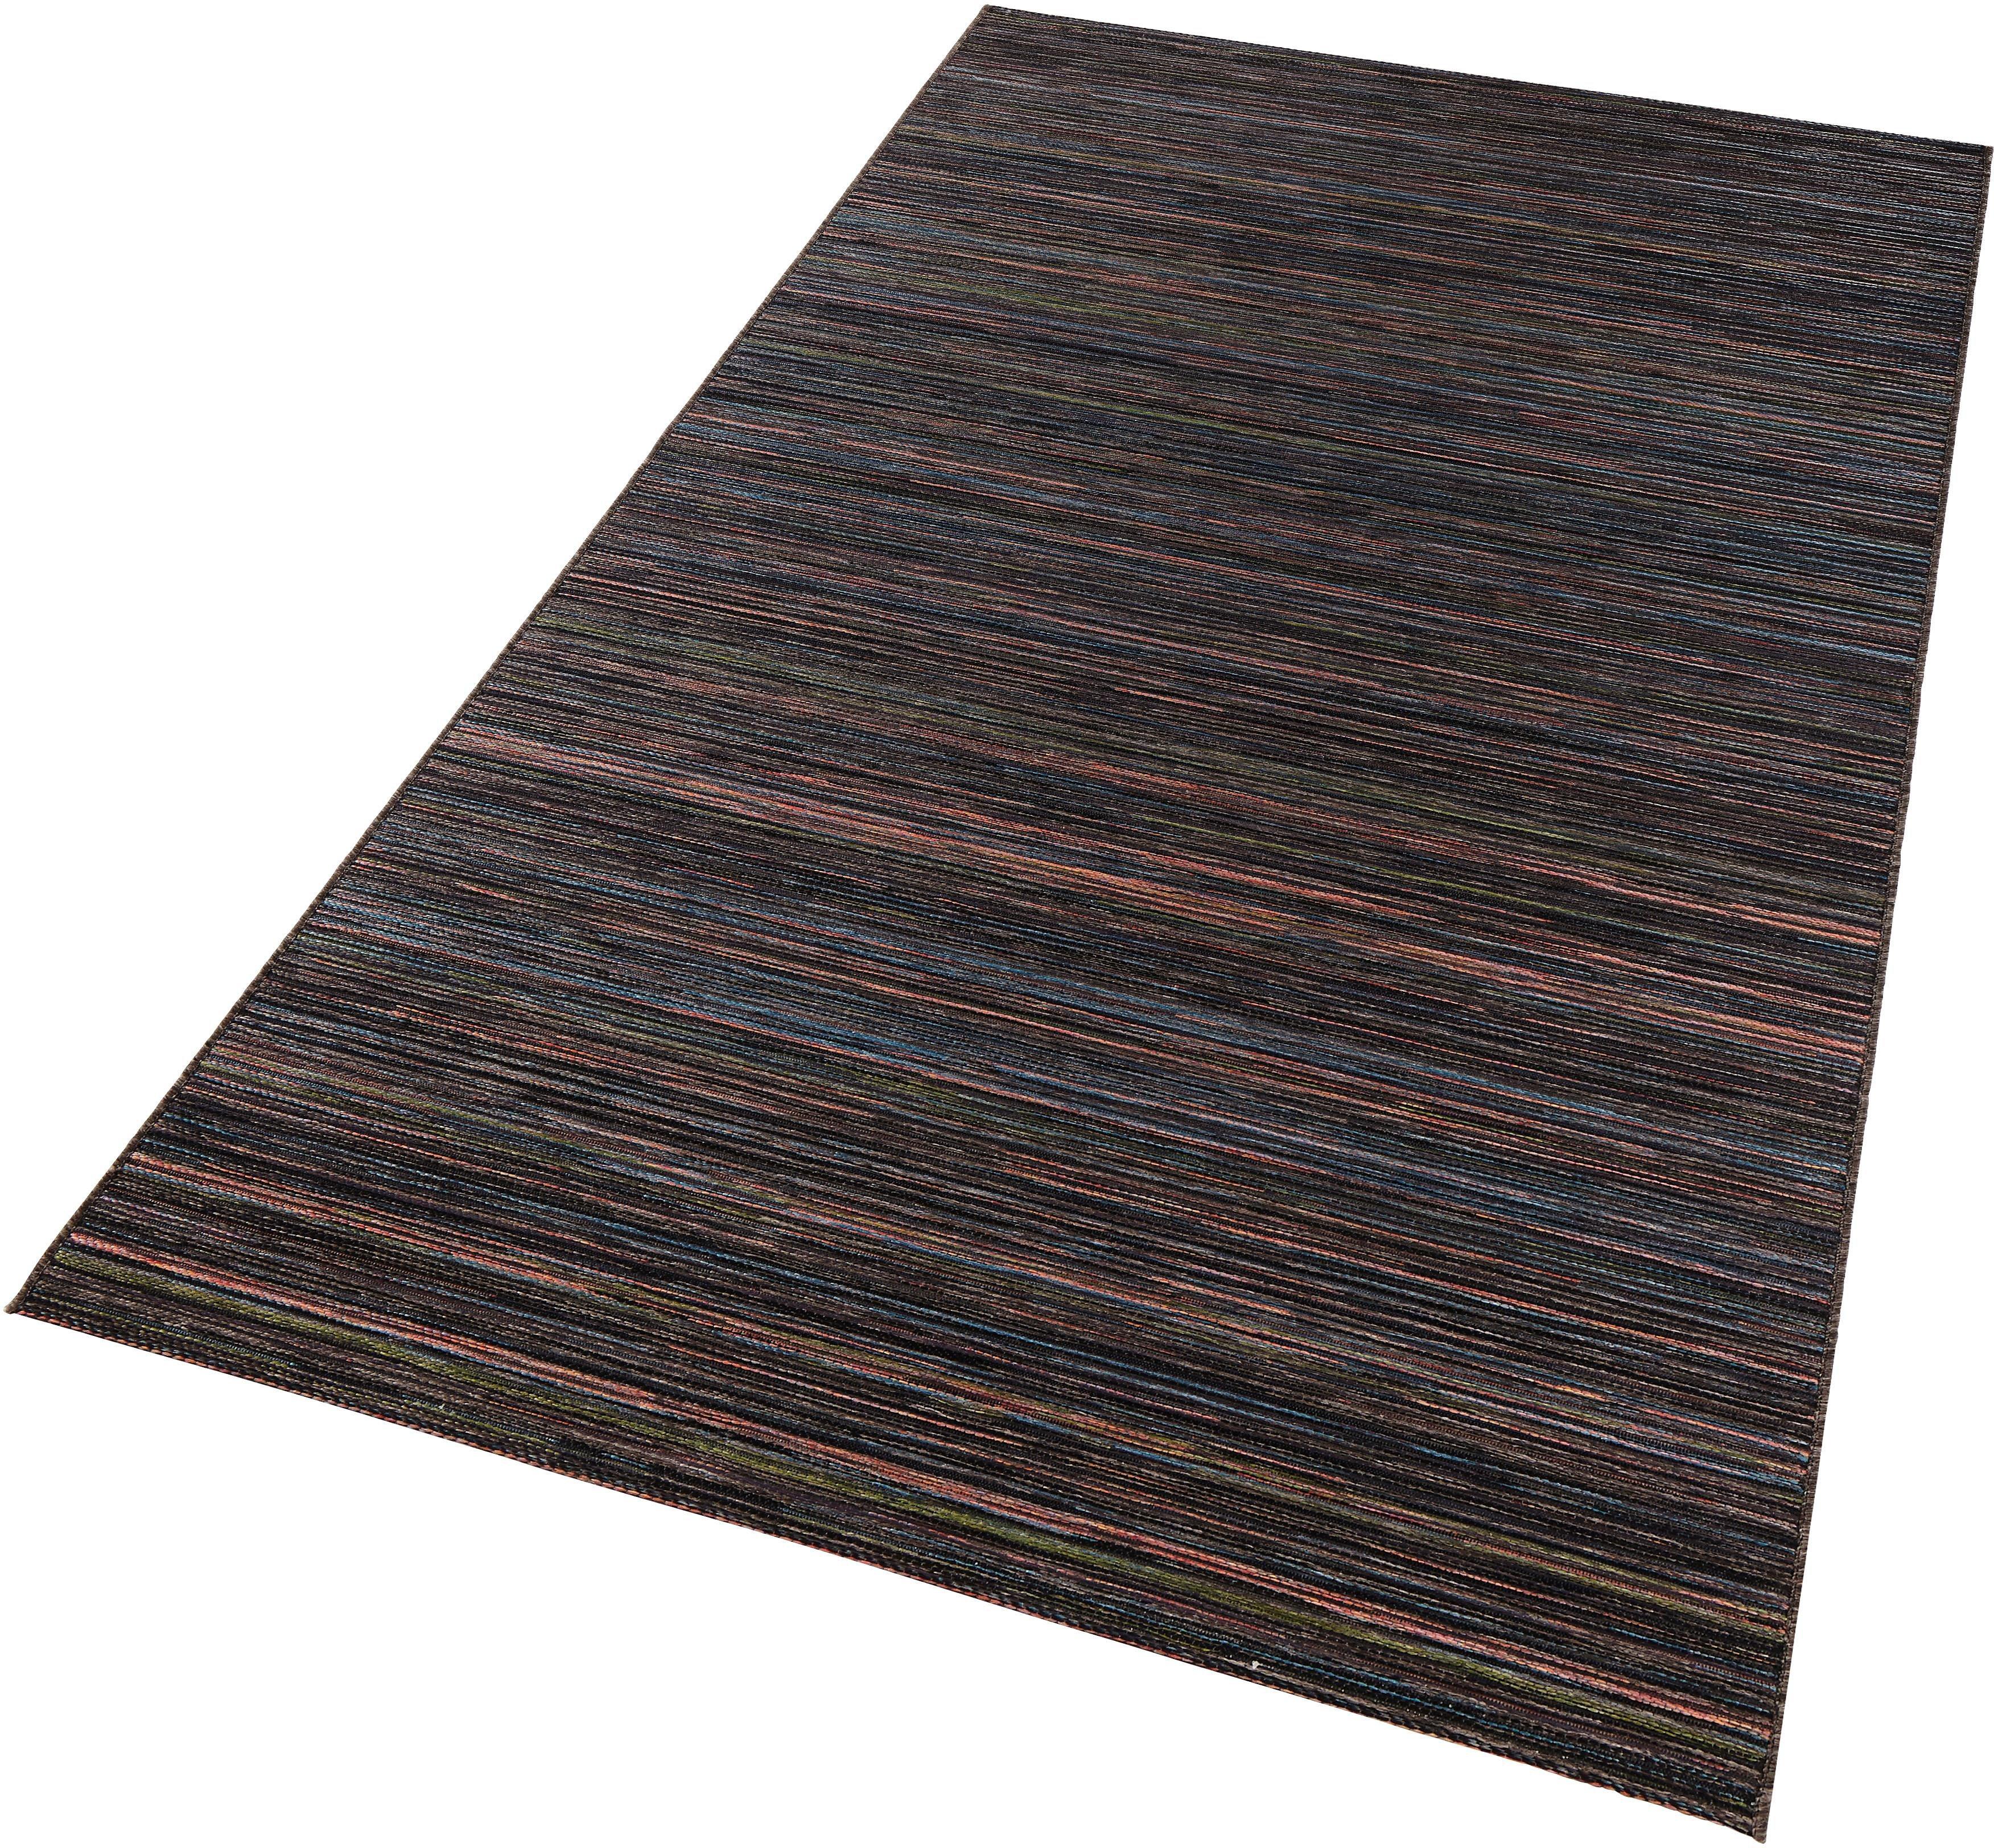 teppich lotus bougari rechteckig h he 7 mm in und outdoorgeeignet sisaloptik braun l b. Black Bedroom Furniture Sets. Home Design Ideas